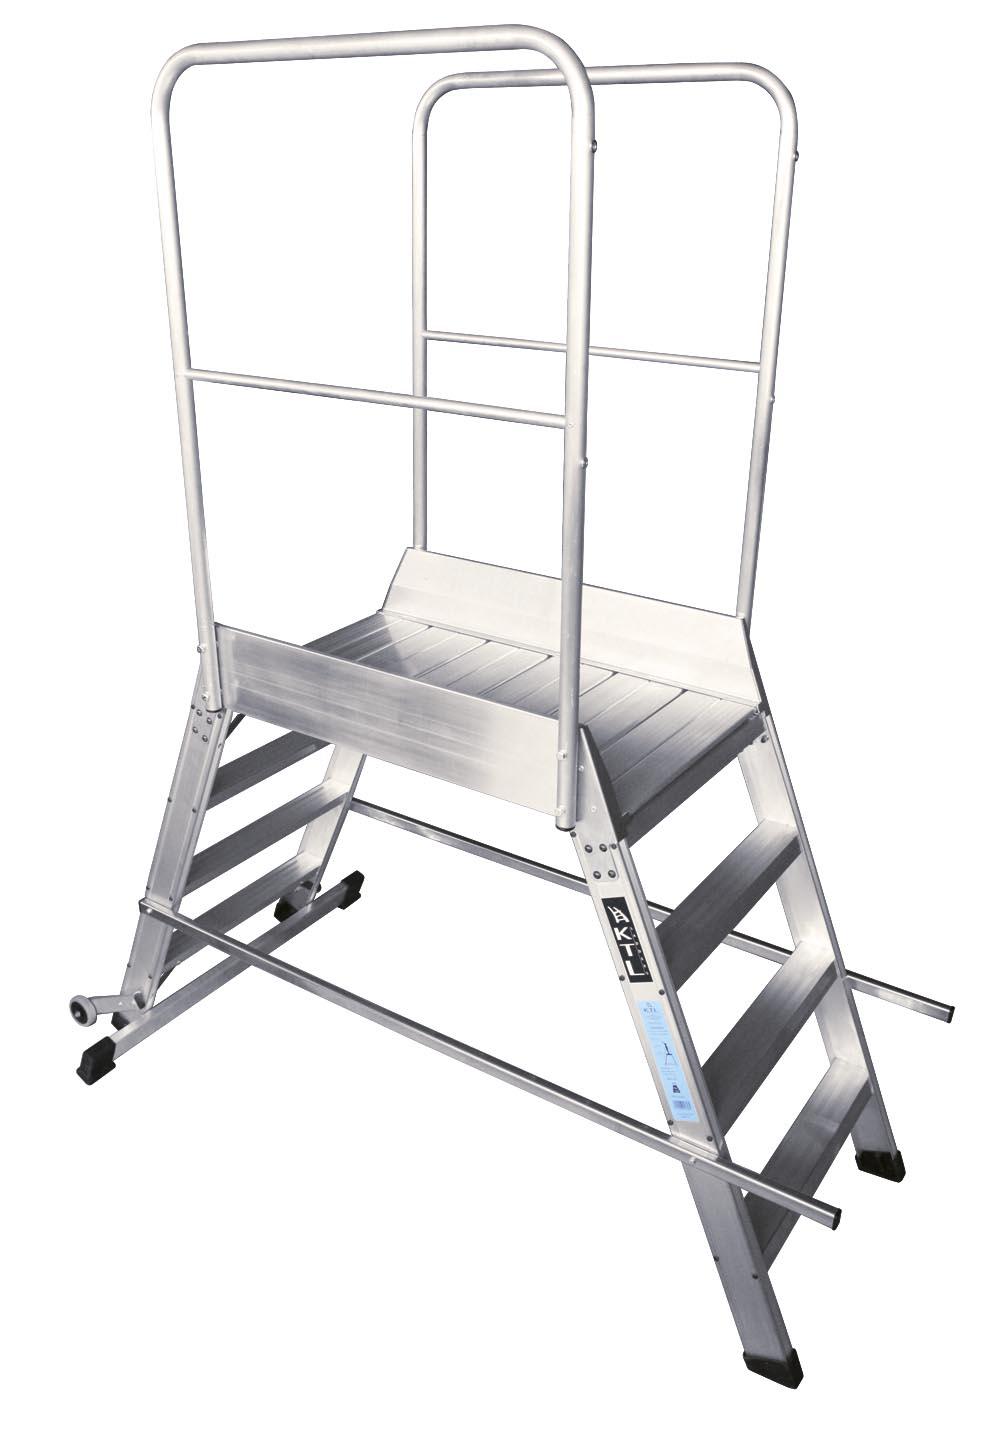 EP2-4p escalera de plataforma móvil, ep-2 accesos Échelle plate-forme roulante EP-2 accès EP2 4p